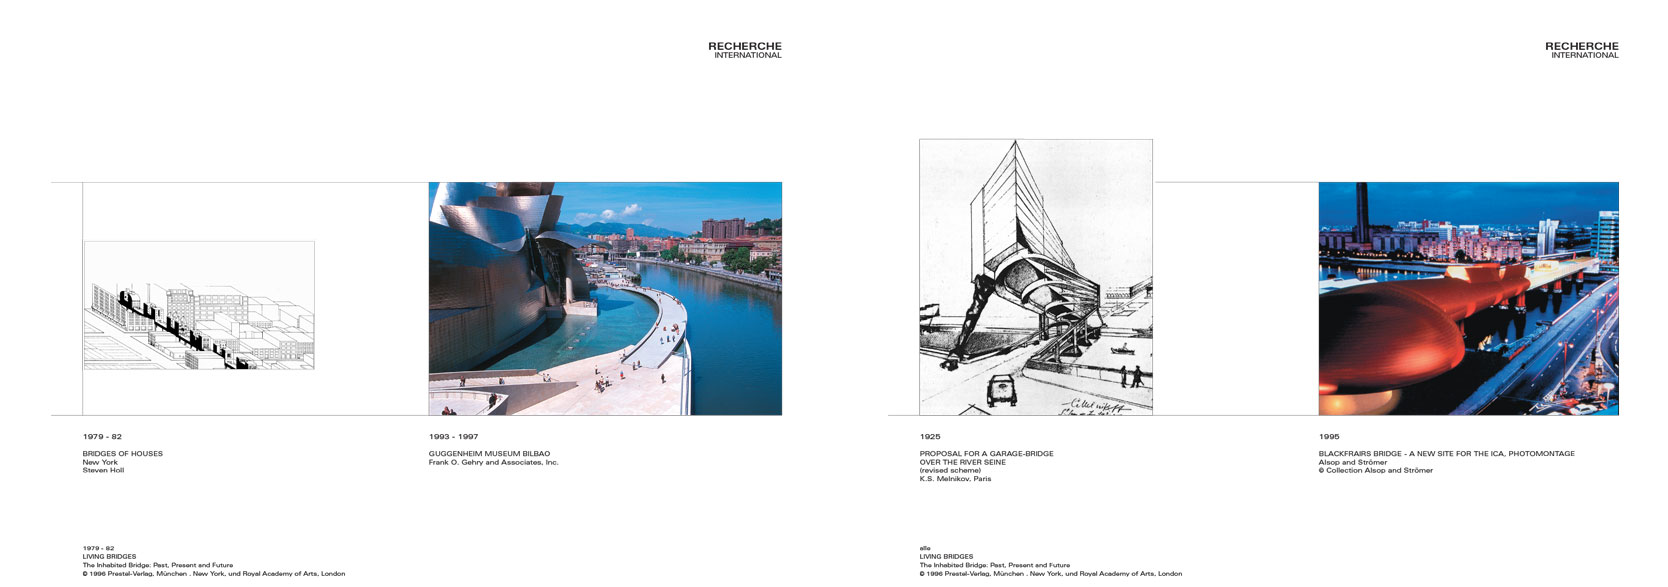 Wienfluss Architektur: Research